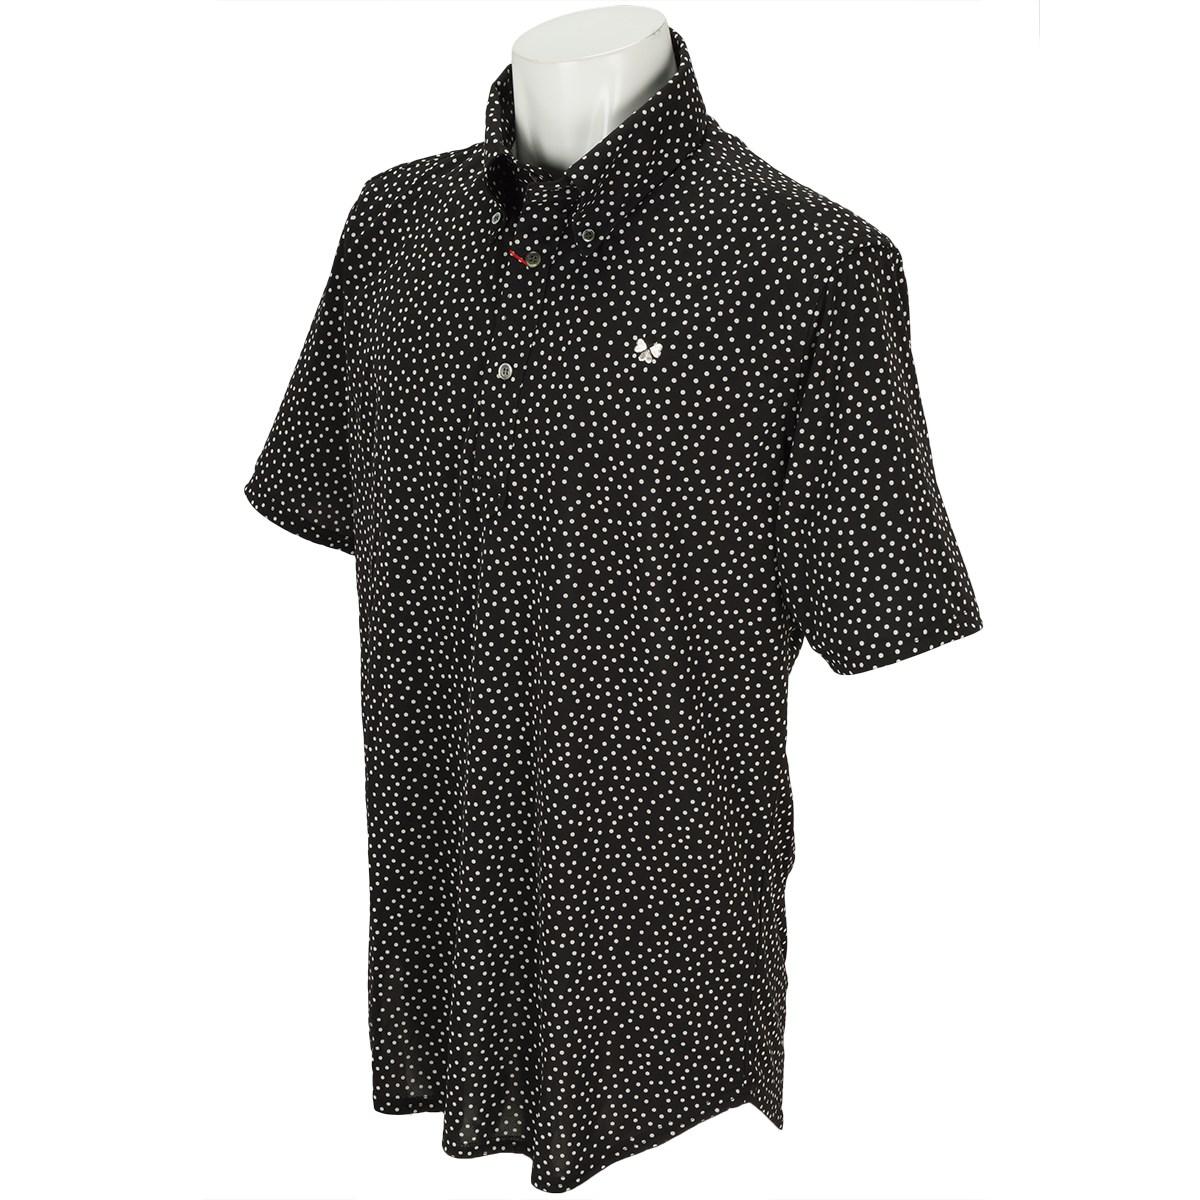 ブラッドシフト BLOOD SHIFT パターンボタンダウン半袖ポロシャツ 46 ブラック/白変形水玉プリント